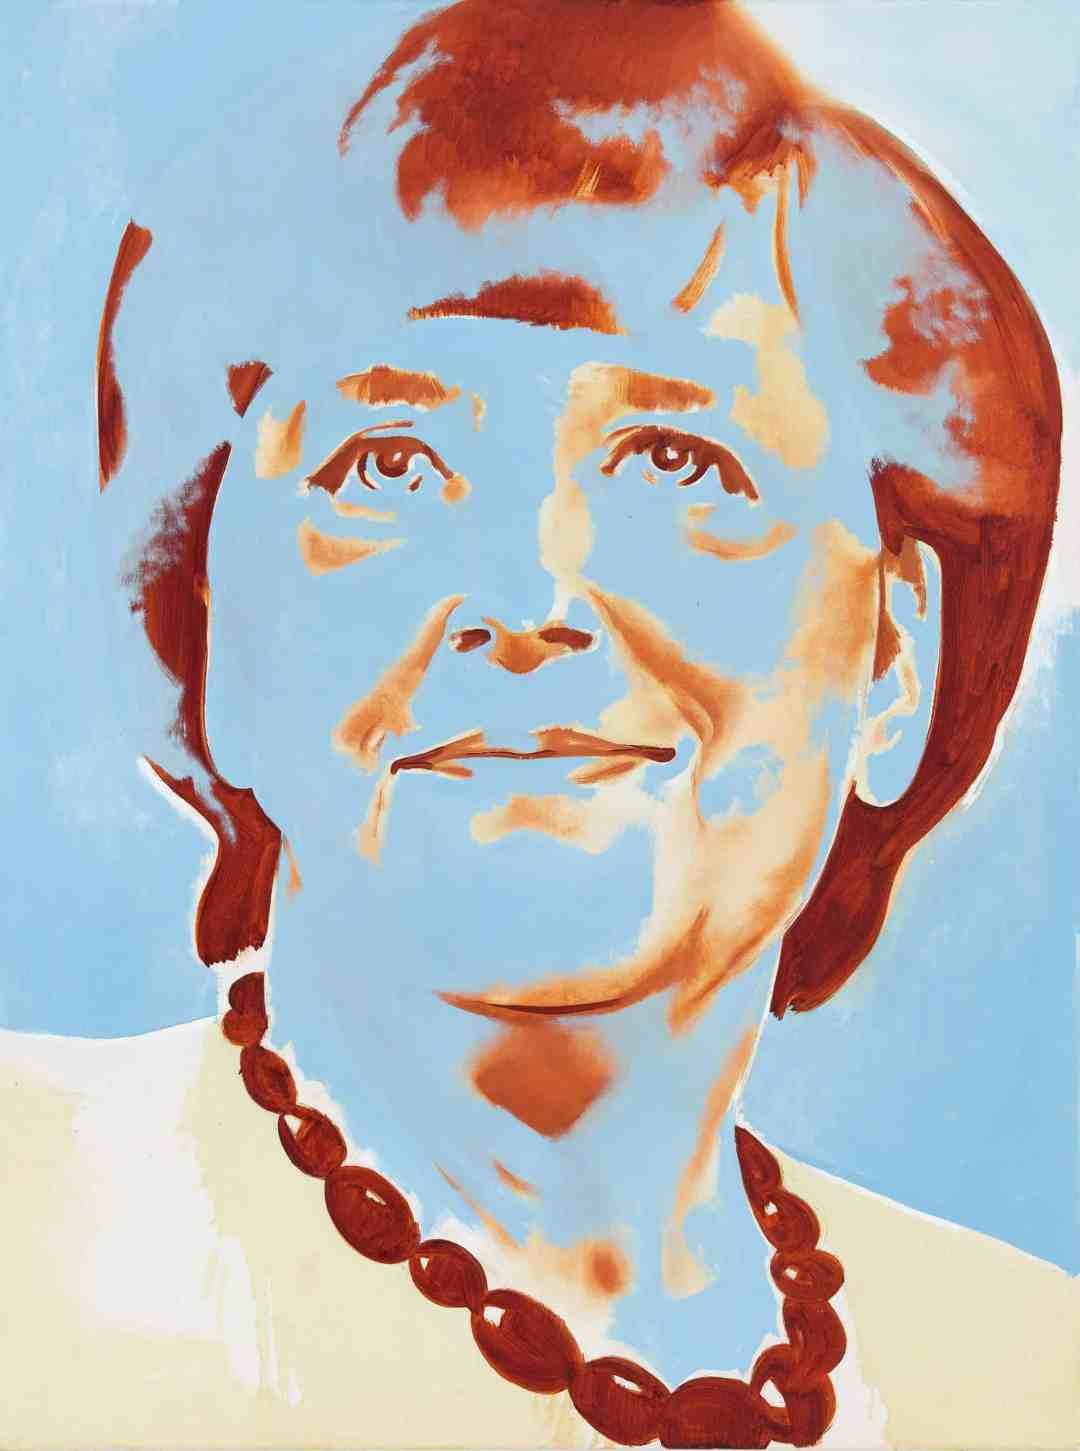 Wilhelm Sasnal, Angela Merkel, Anton Kern Gallery